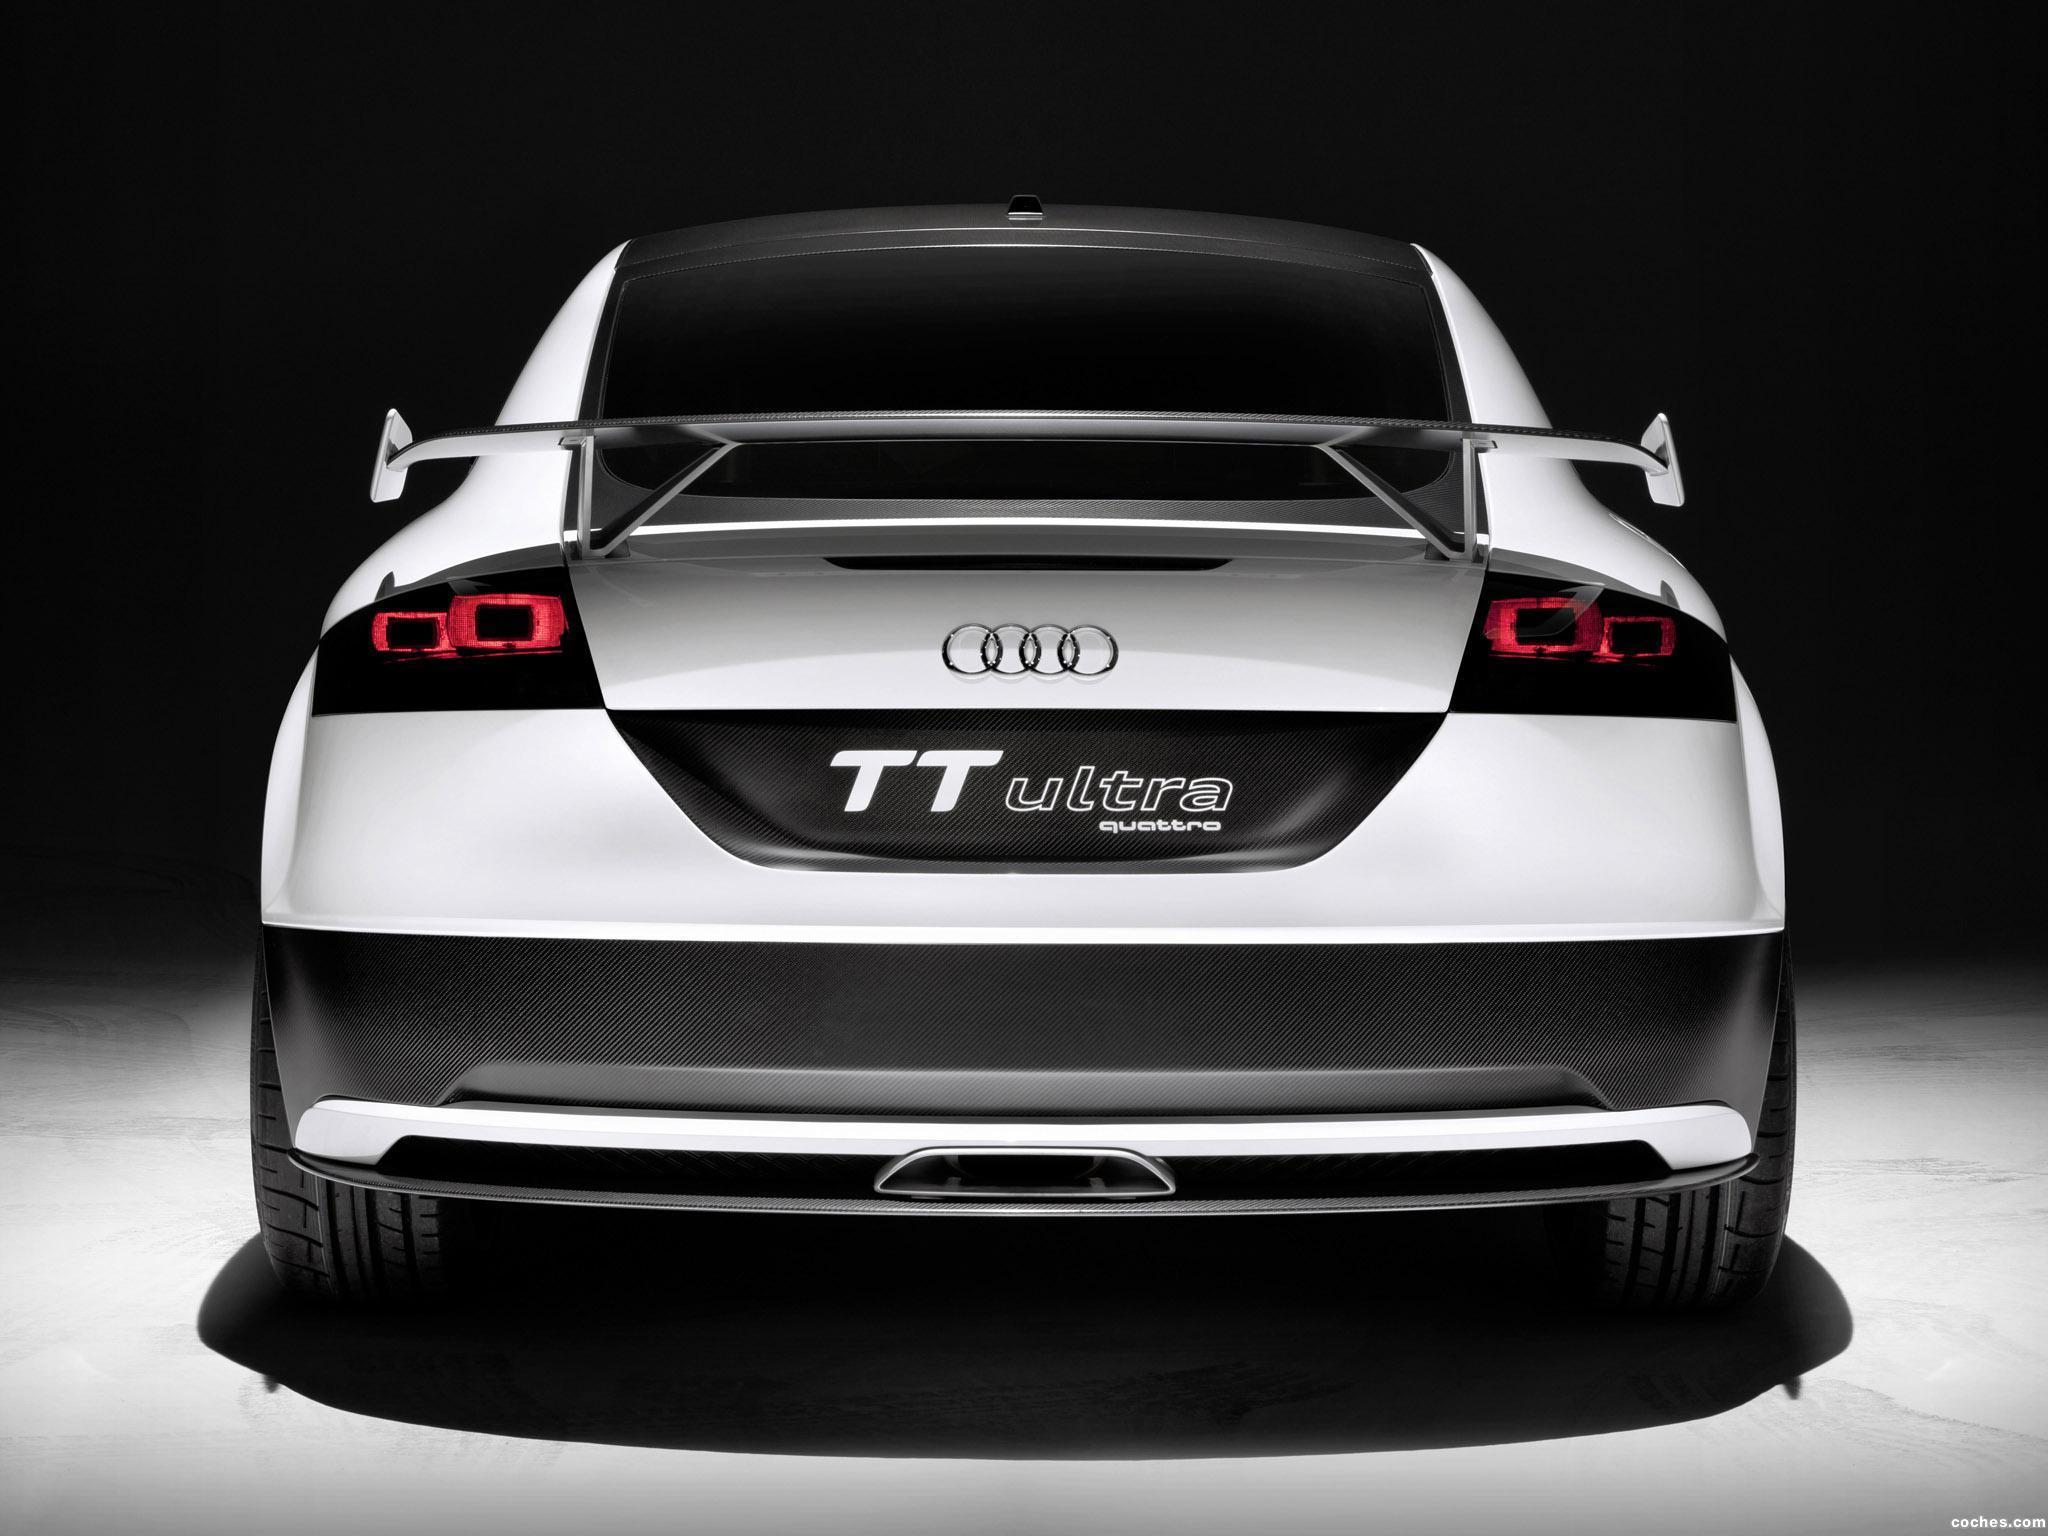 Foto 5 de Audi TT Ultra Quattro Concept 2013